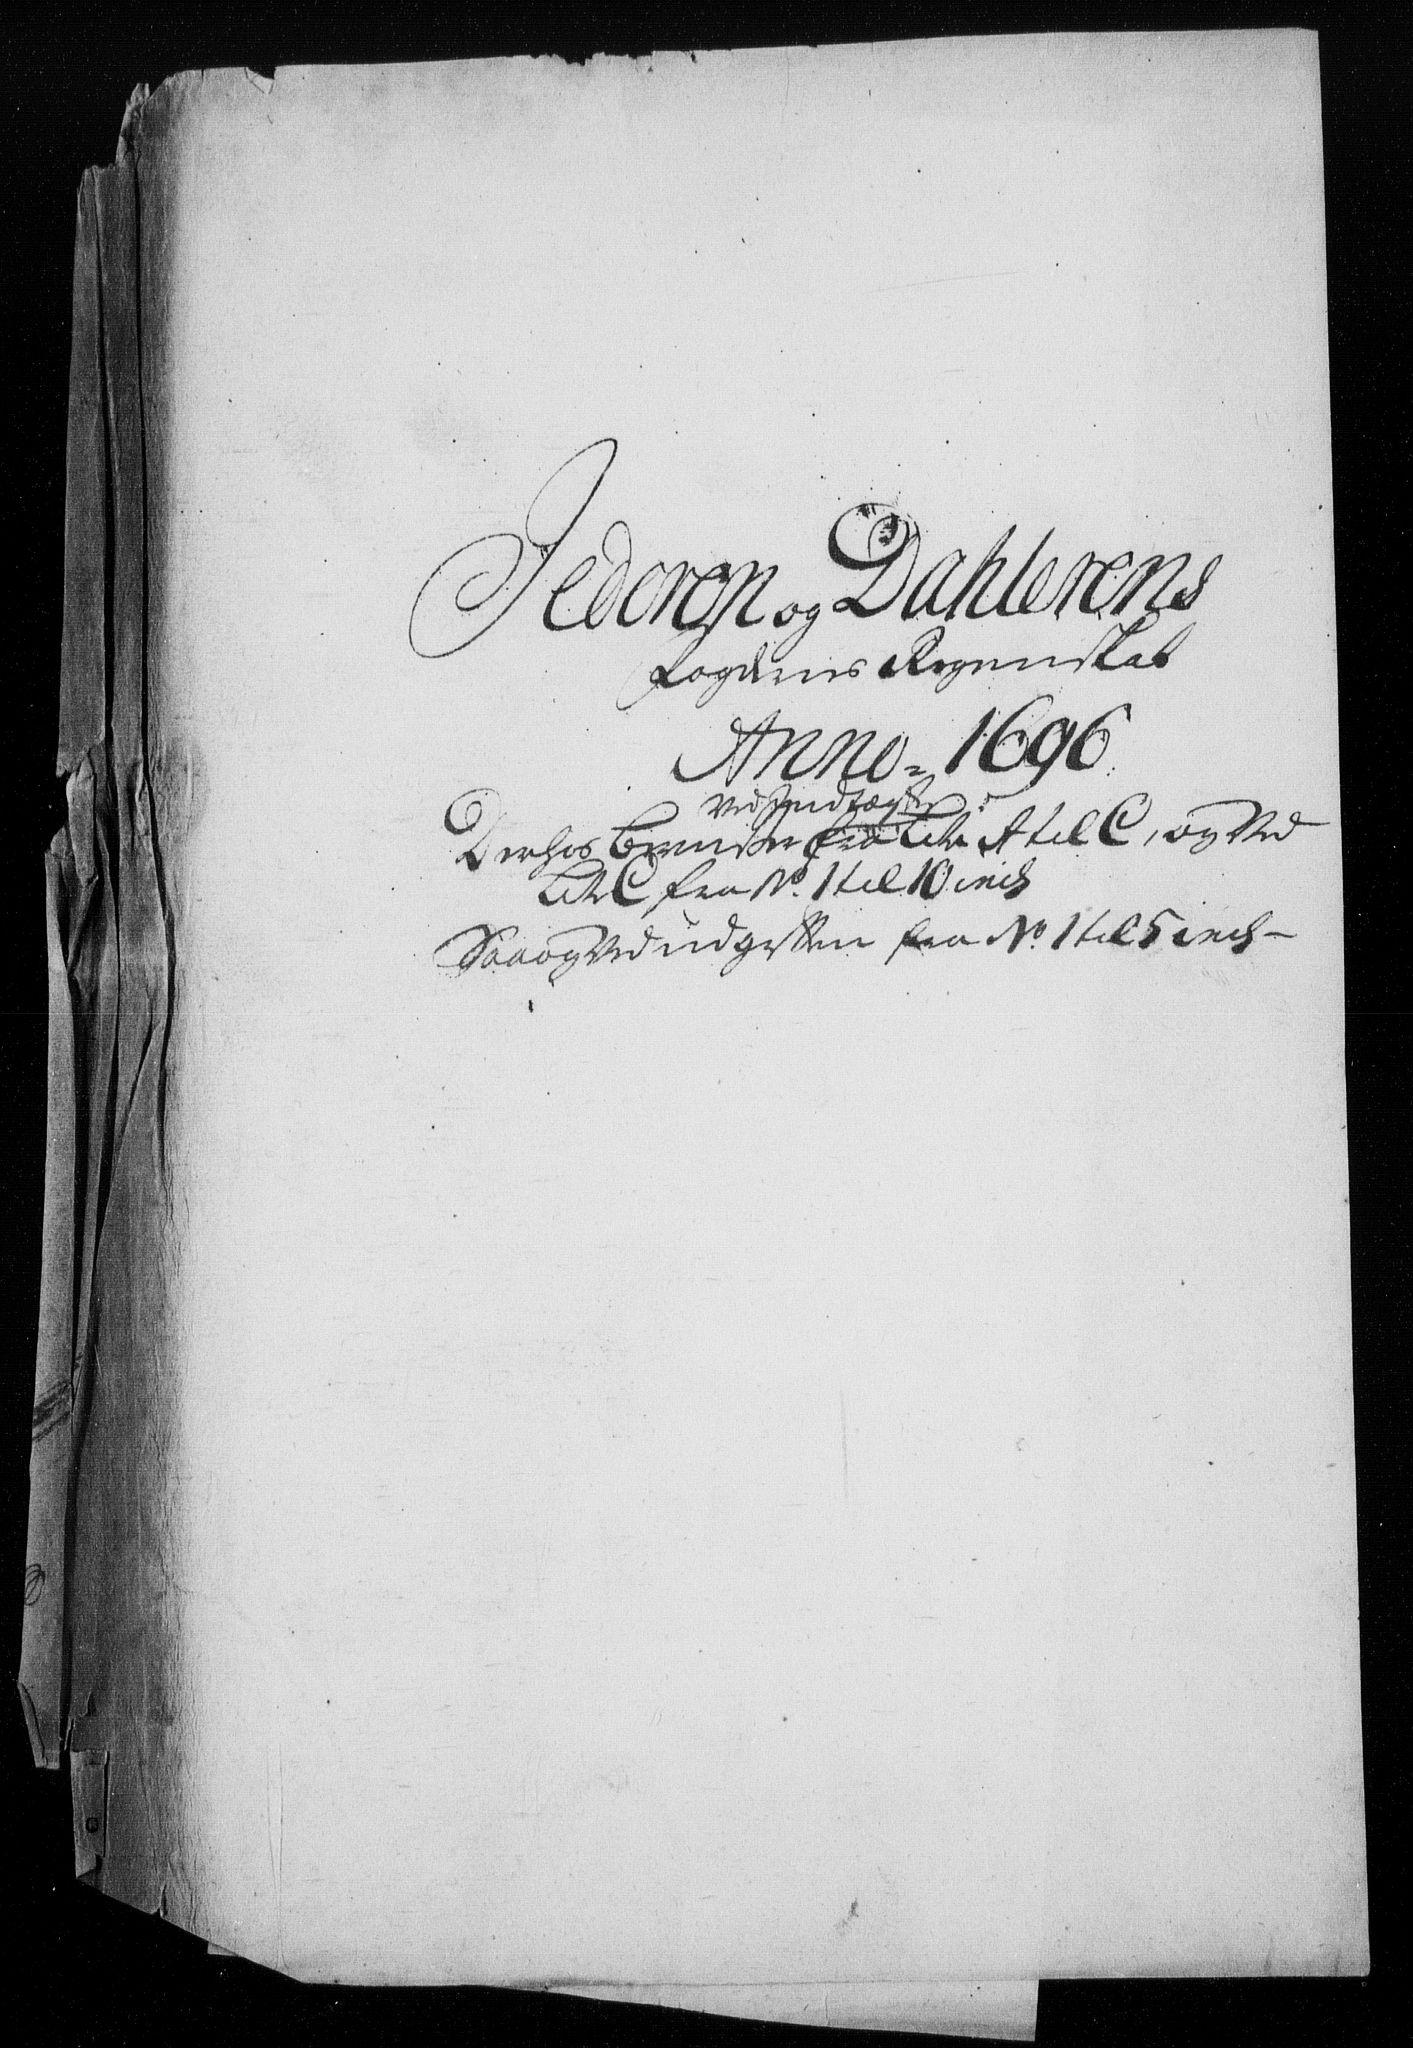 RA, Rentekammeret inntil 1814, Reviderte regnskaper, Fogderegnskap, R46/L2728: Fogderegnskap Jæren og Dalane, 1694-1696, s. 389